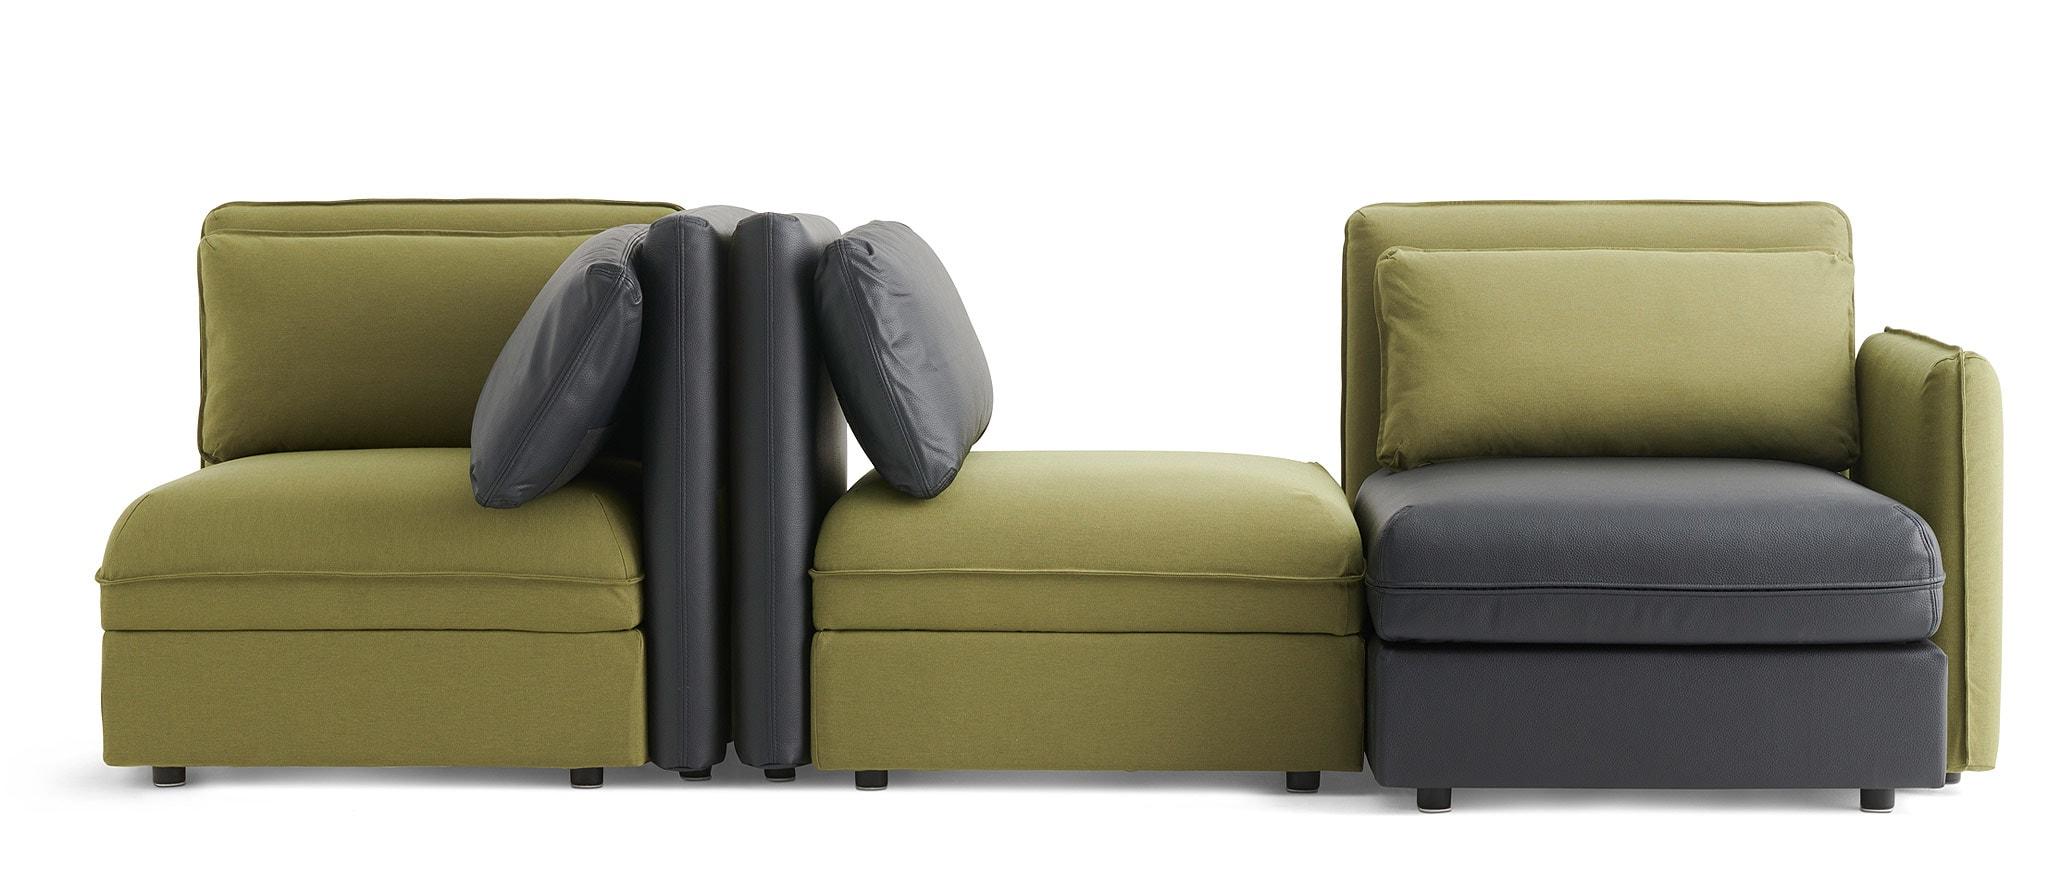 Ikea sofas Modulares Kvdd Modular sofas Sectional sofas Ikea